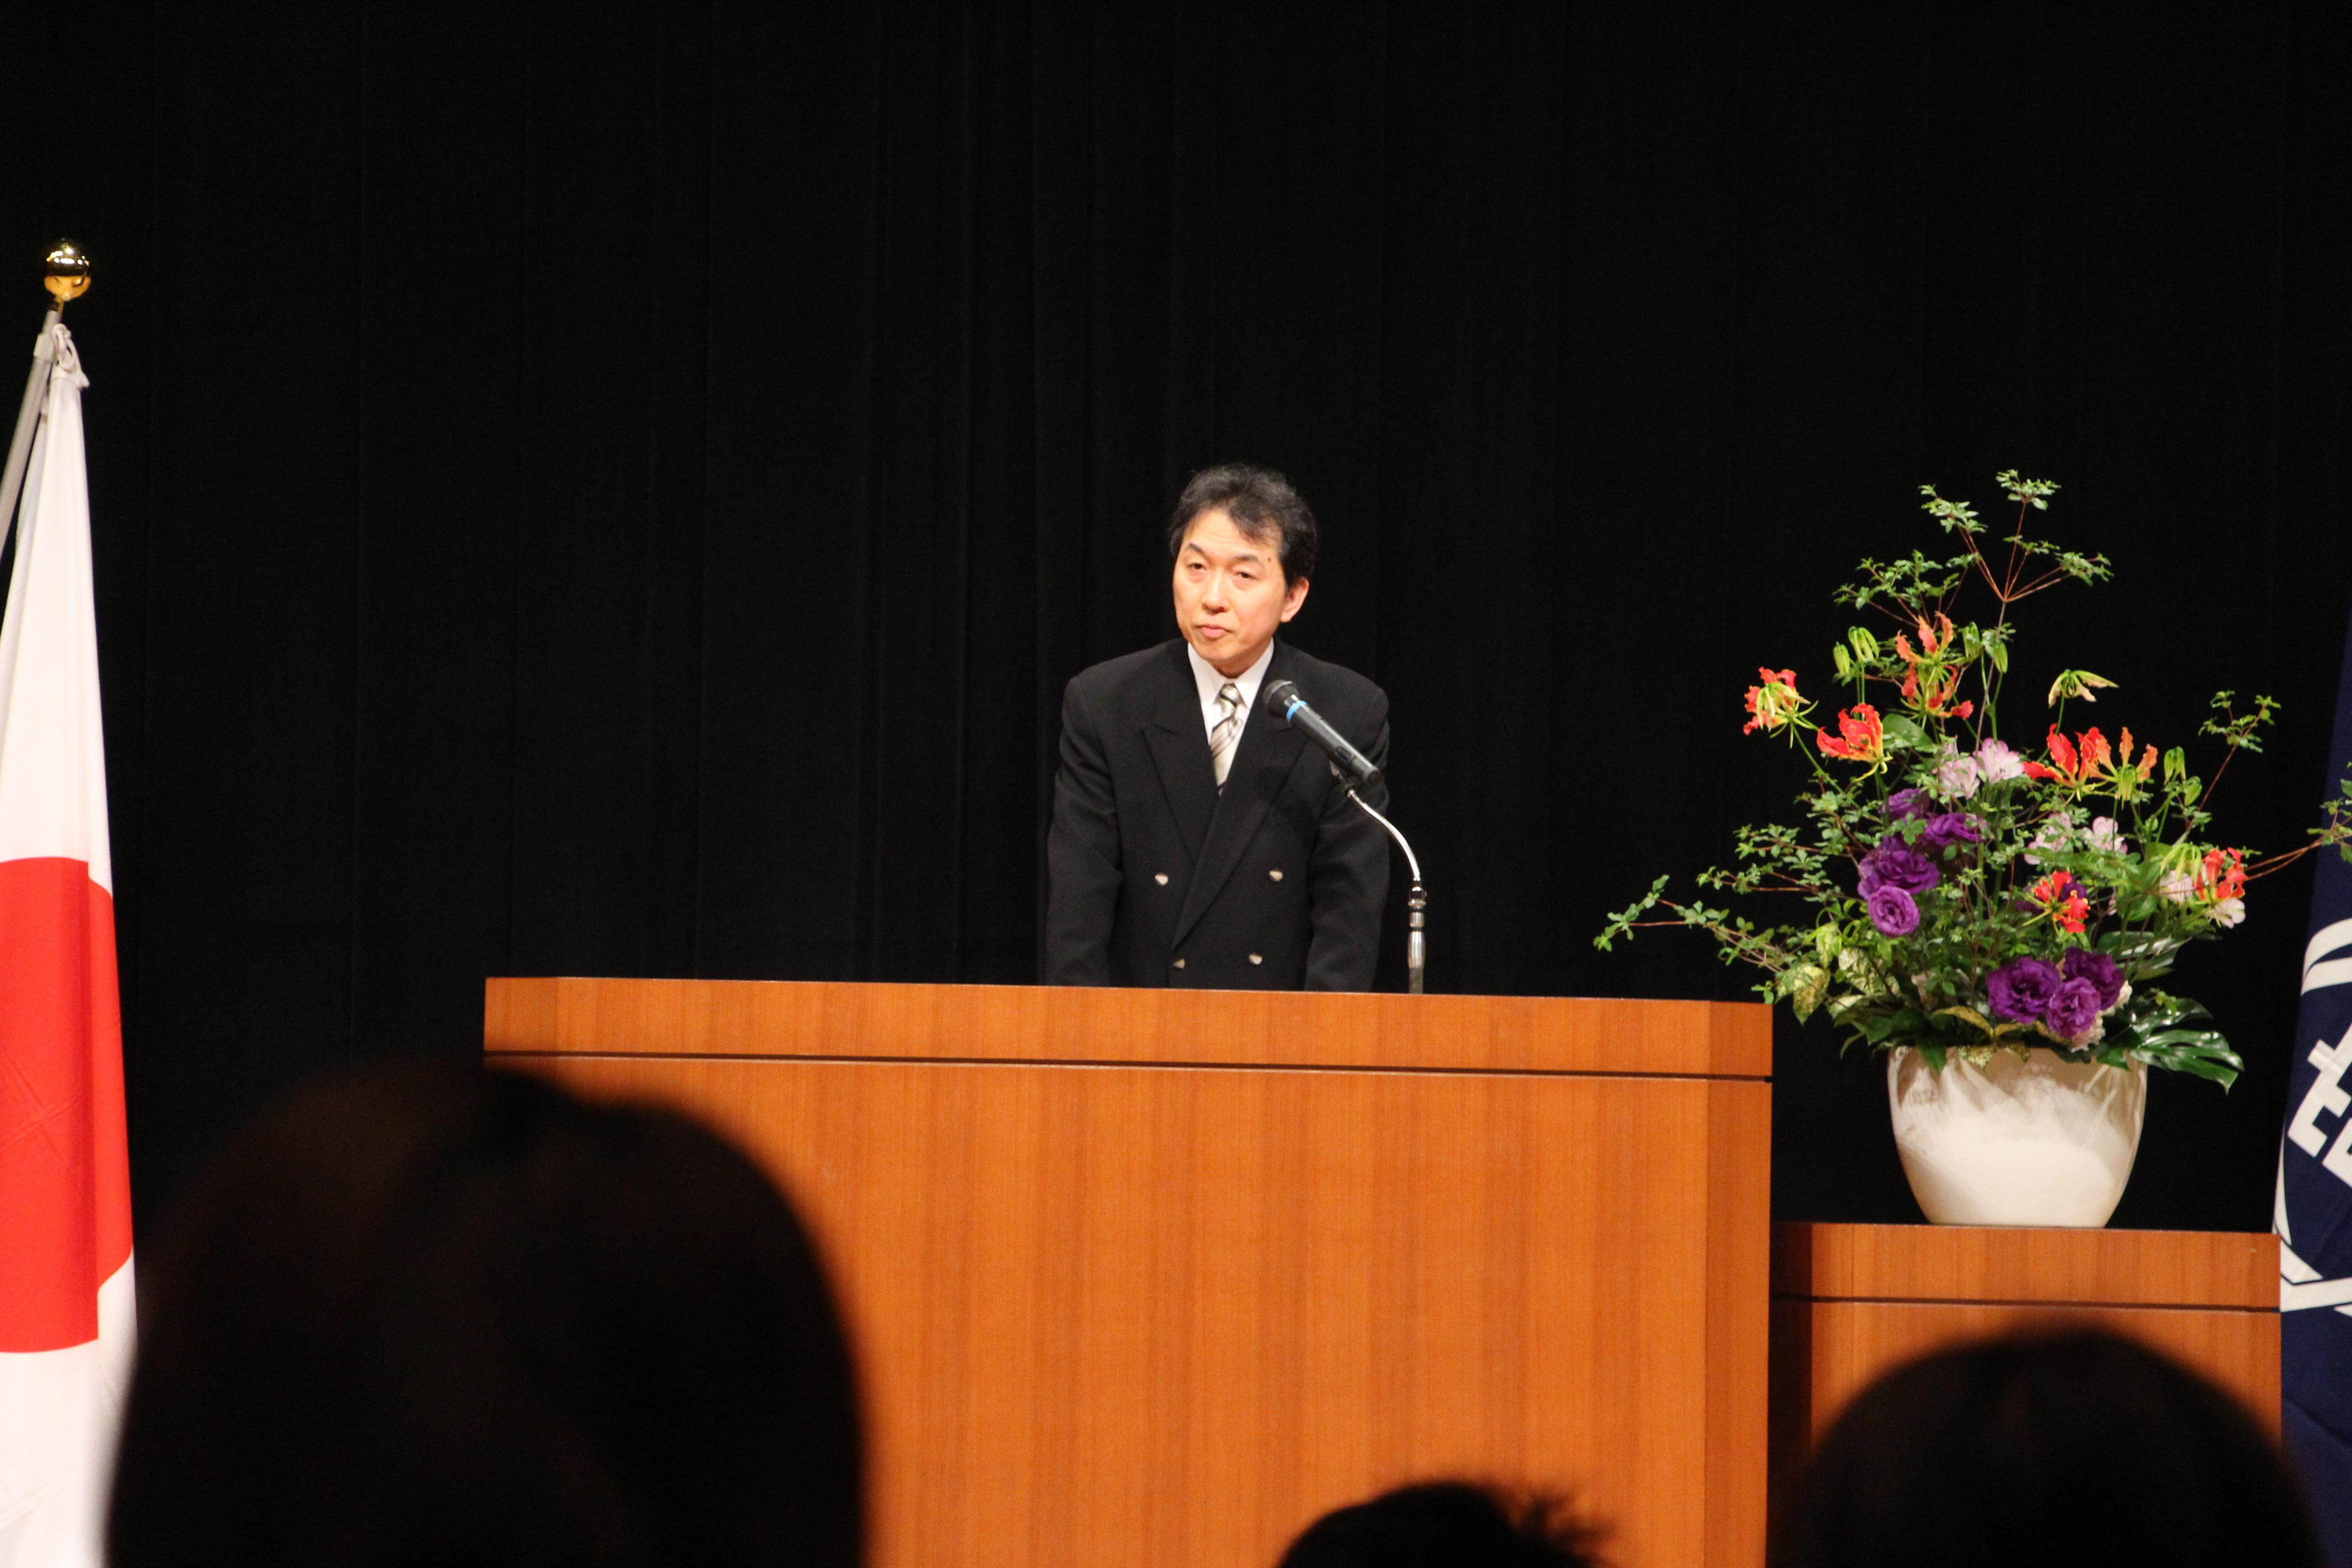 平成30年度開講式(山本副病院長挨拶)